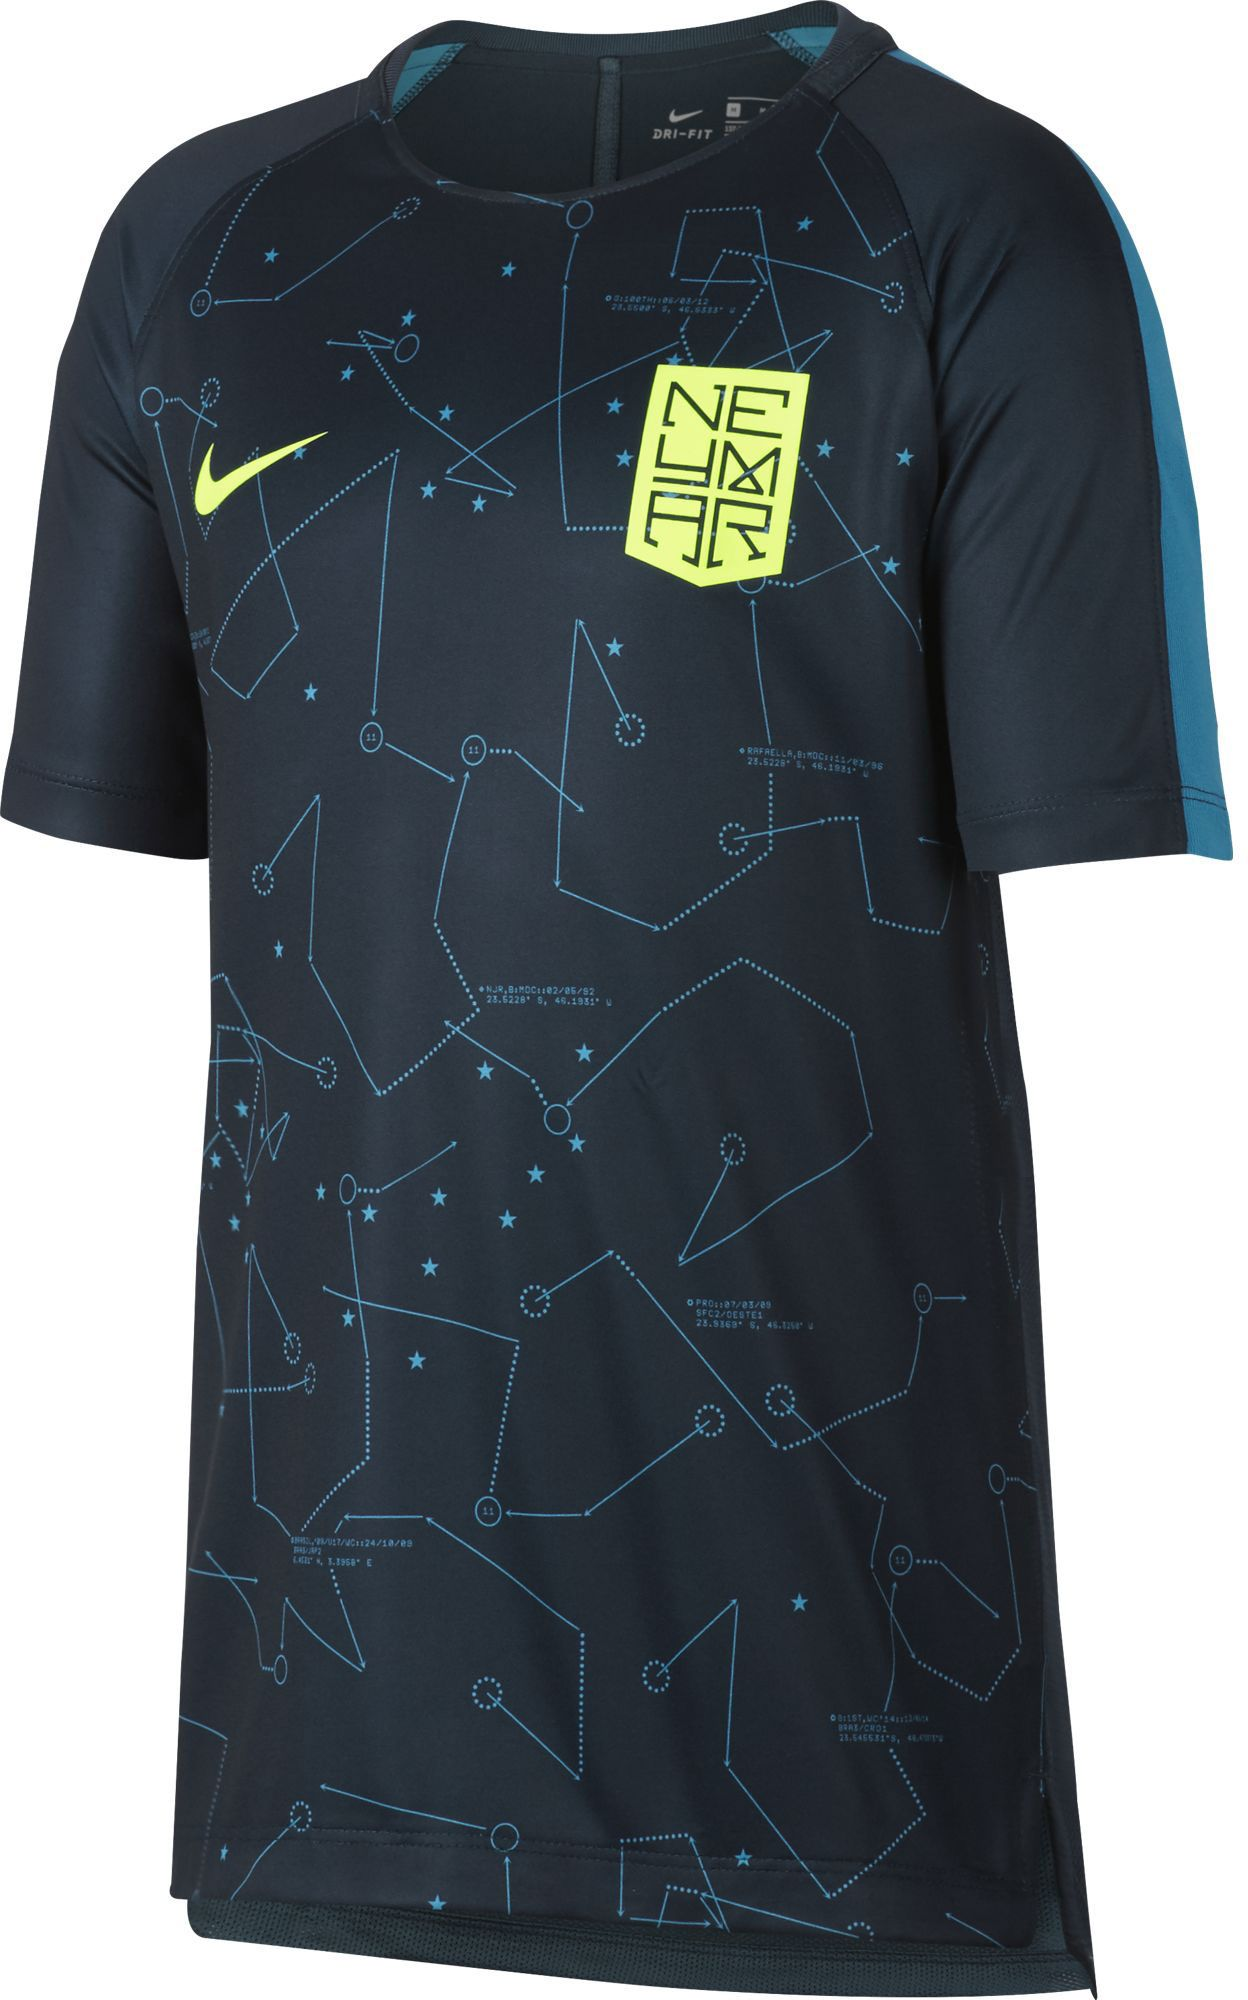 9af918061e0fe Detský futbalový dres Nike FC Barcelona + darček z nášho obchodu ! - AGsport    SK